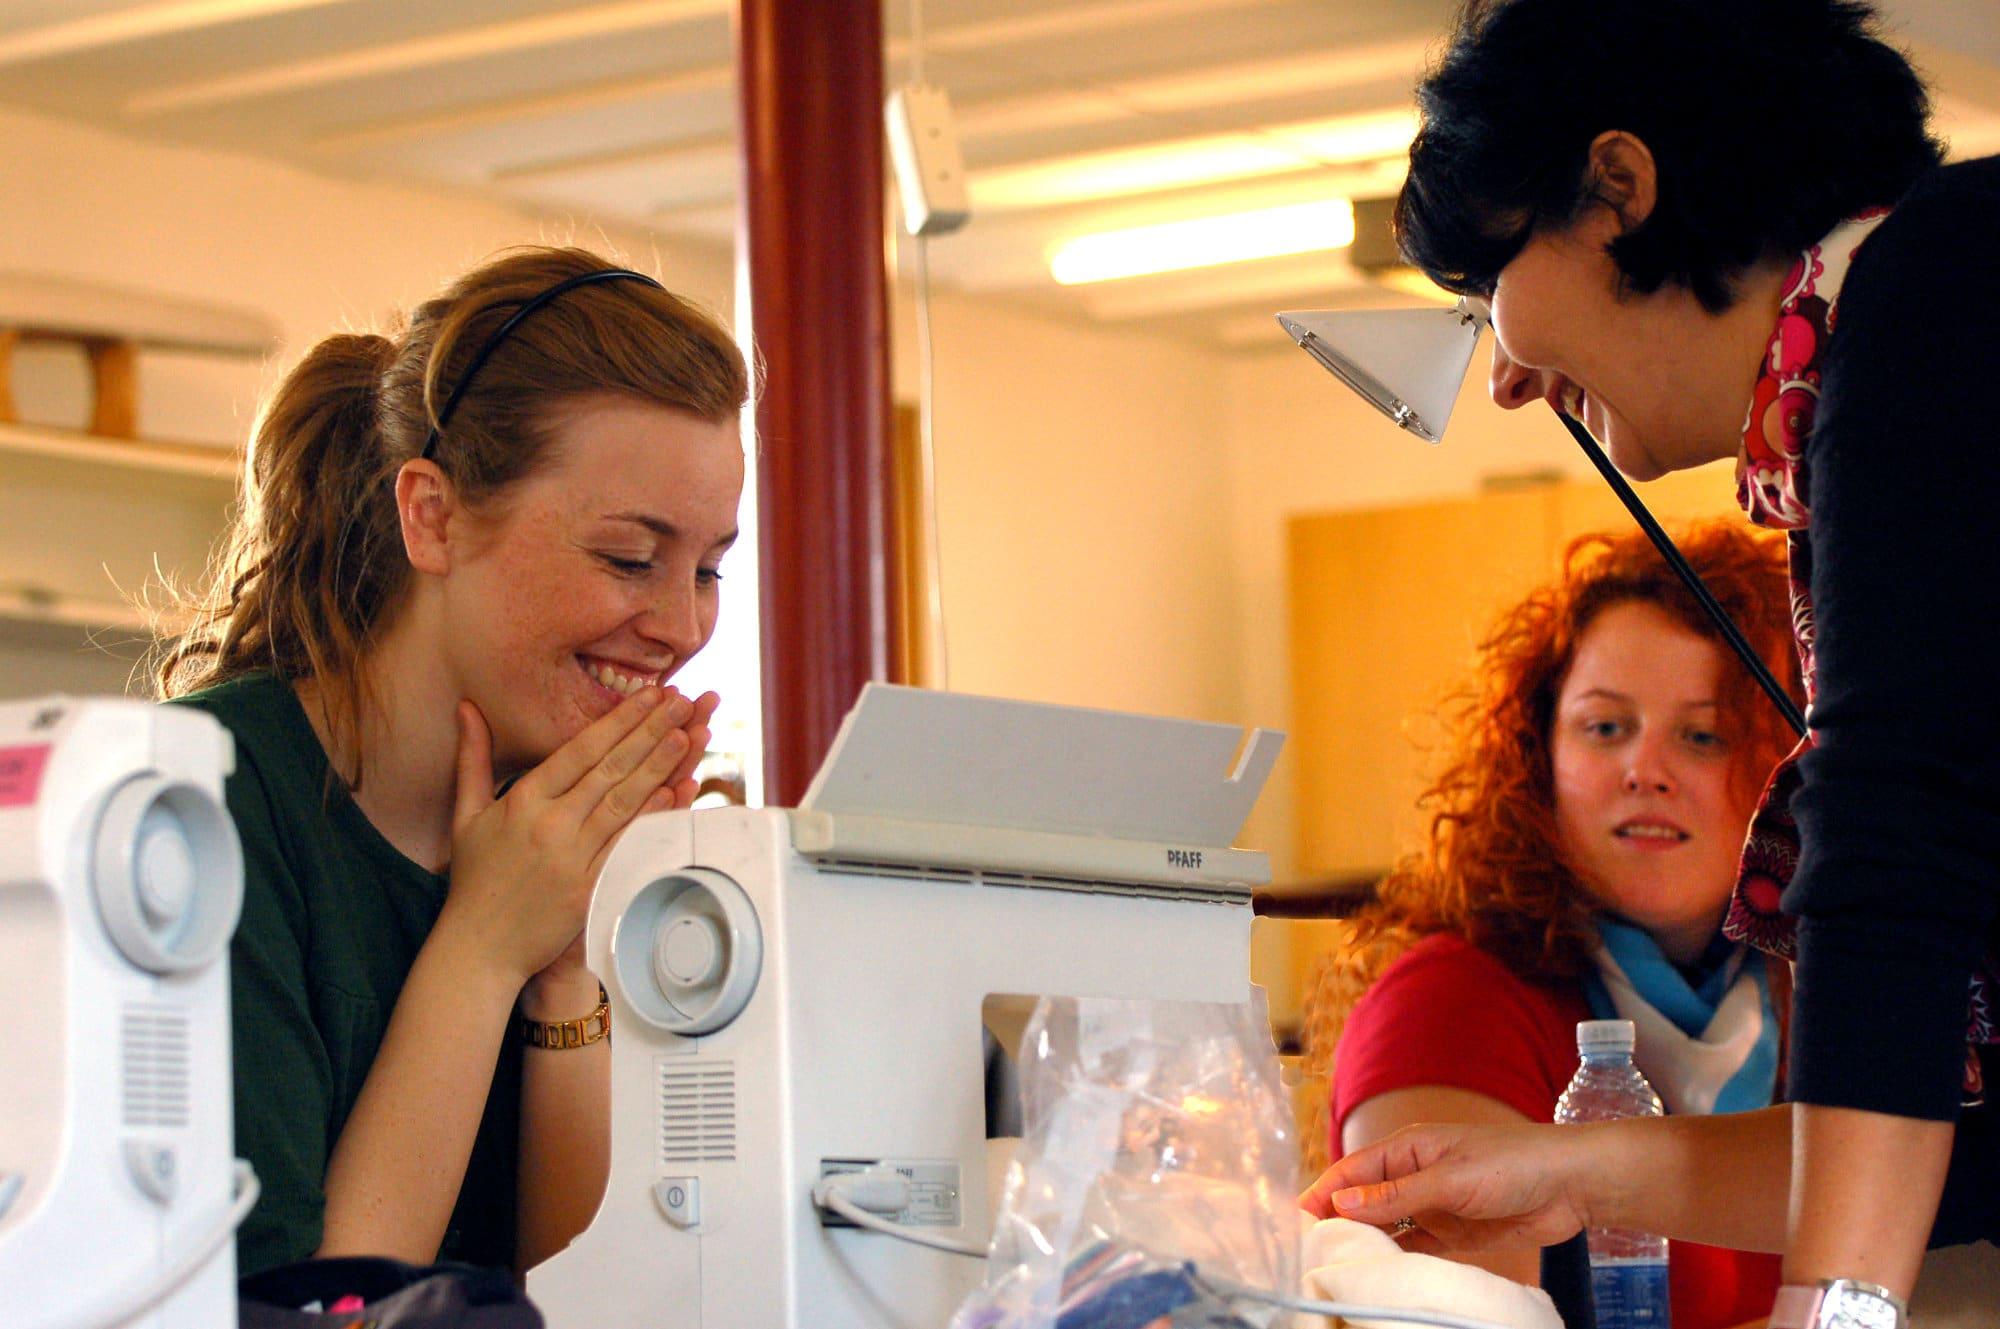 Tekstil kursus - Lær at forny og forbedre tøj